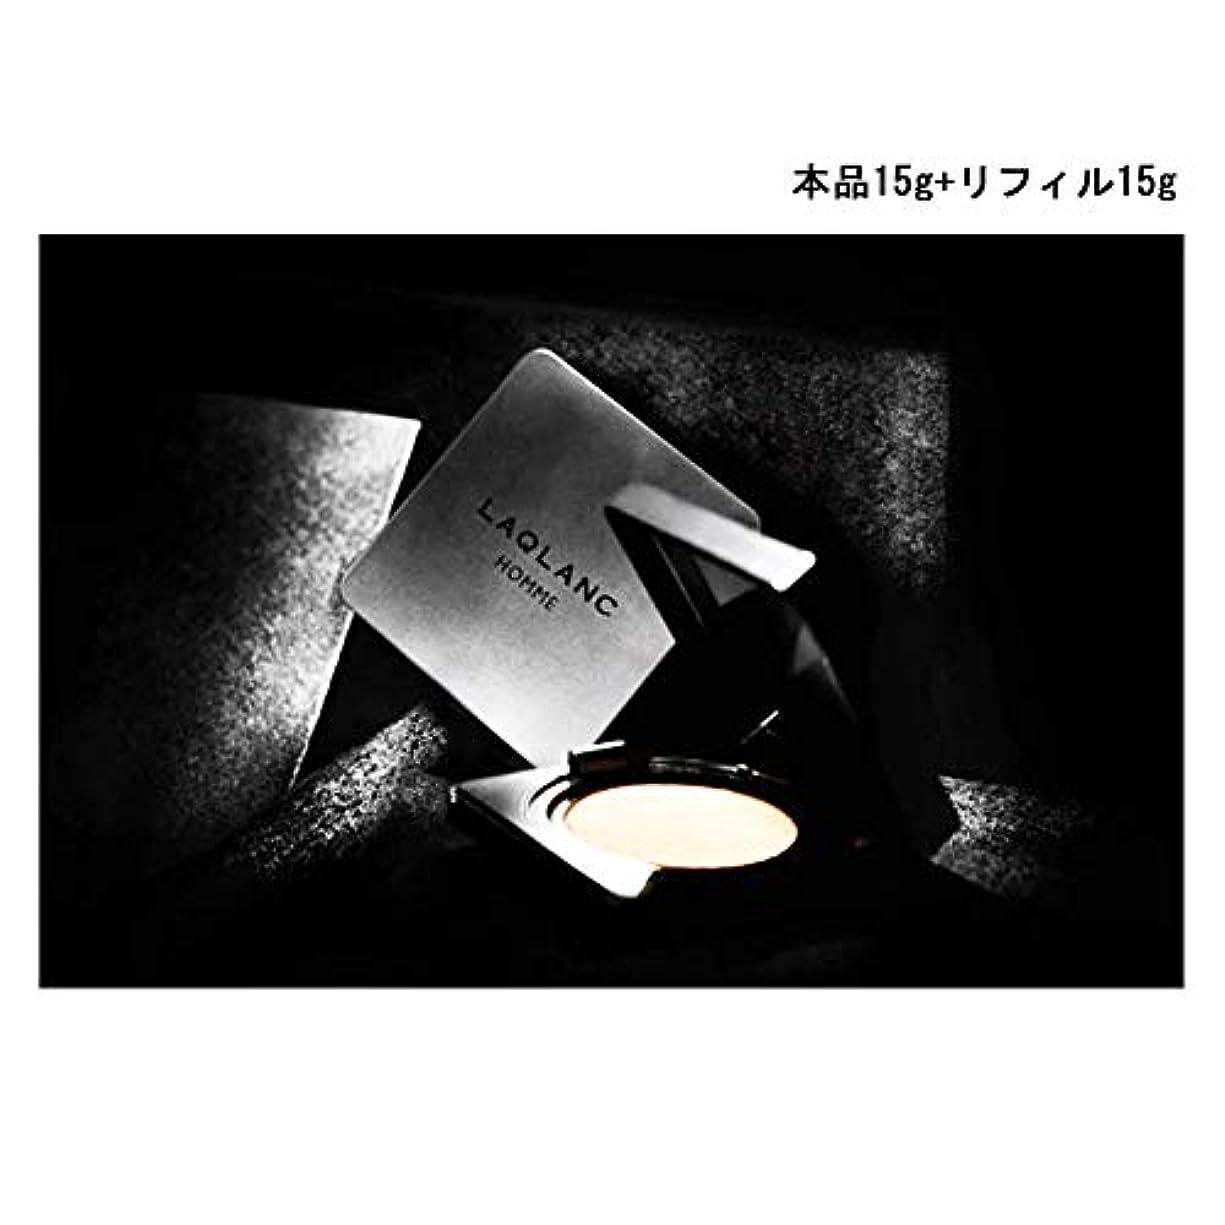 主流謝罪レンディション(Laqlanc)大人気 10秒完成 ナチュラル 肌色アップ 紫外線遮断 ホワイトニング 男性 エアクッション 15g +リフィル 15g [海外配送品] [並行輸入品]